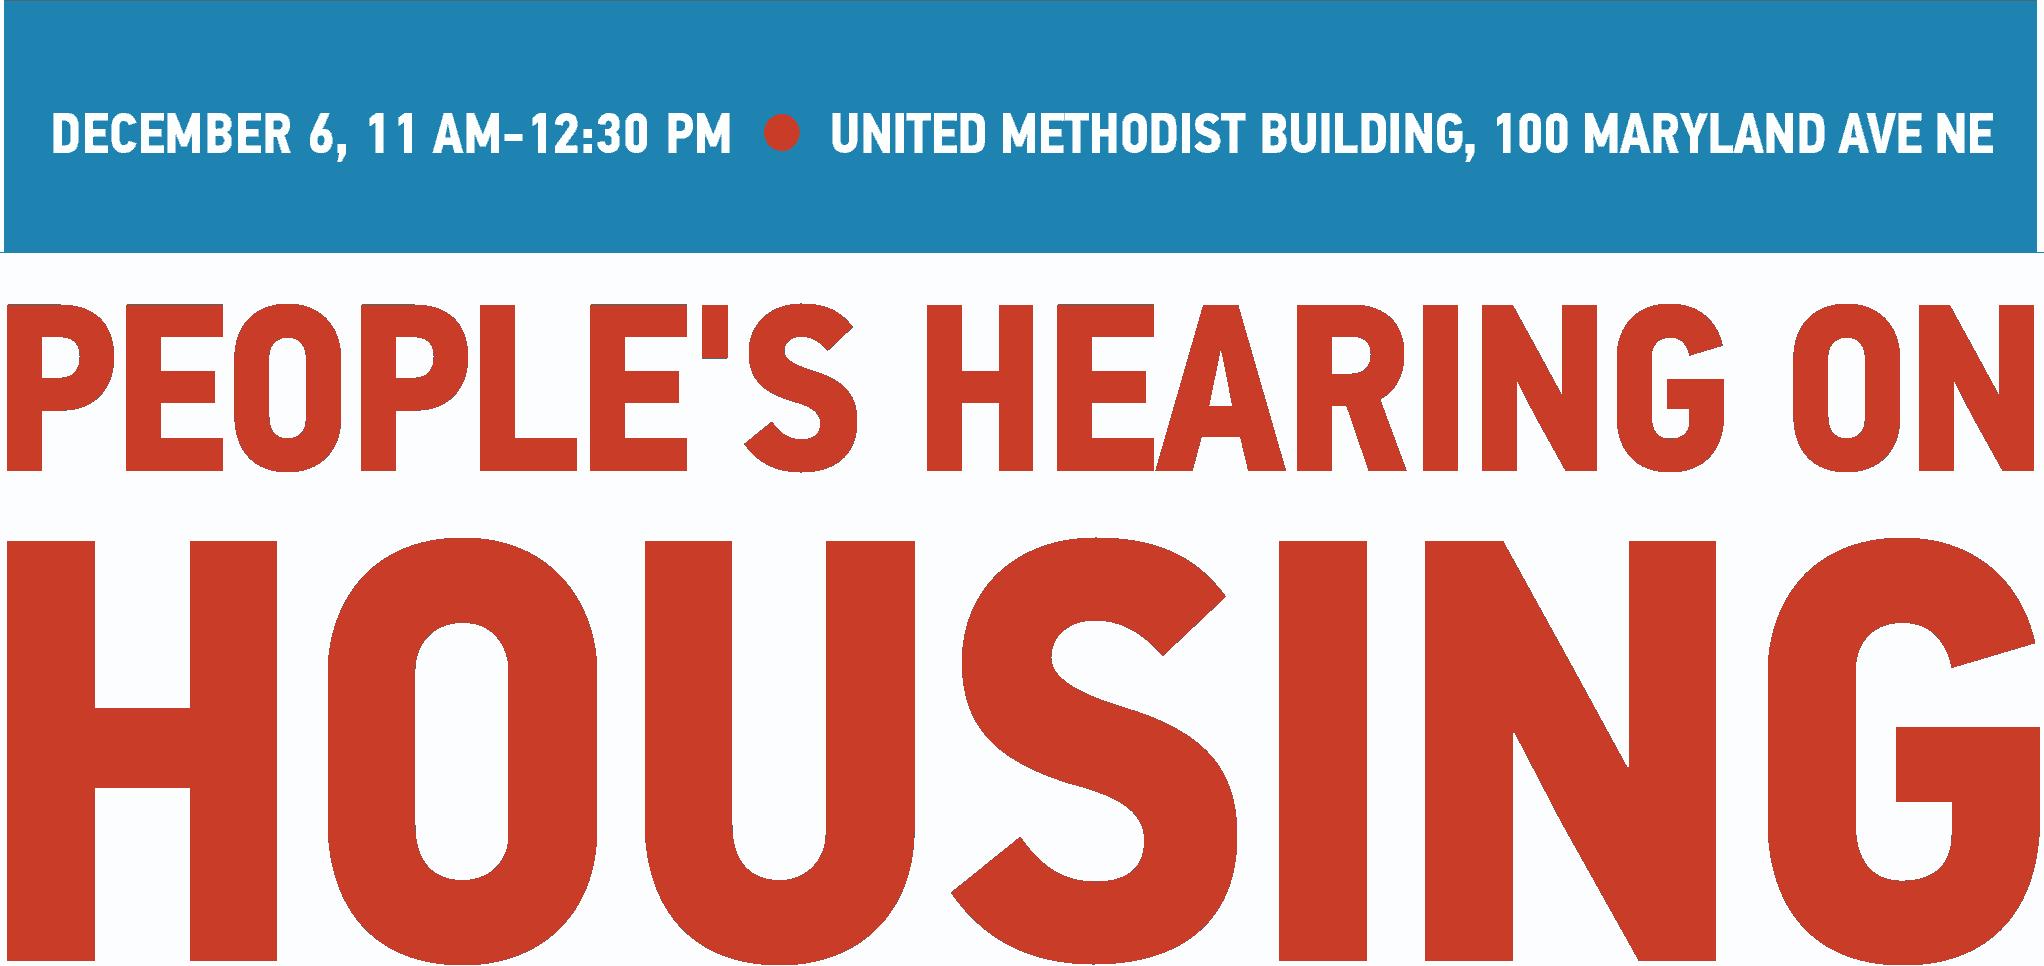 People's Hearing on Housing logo